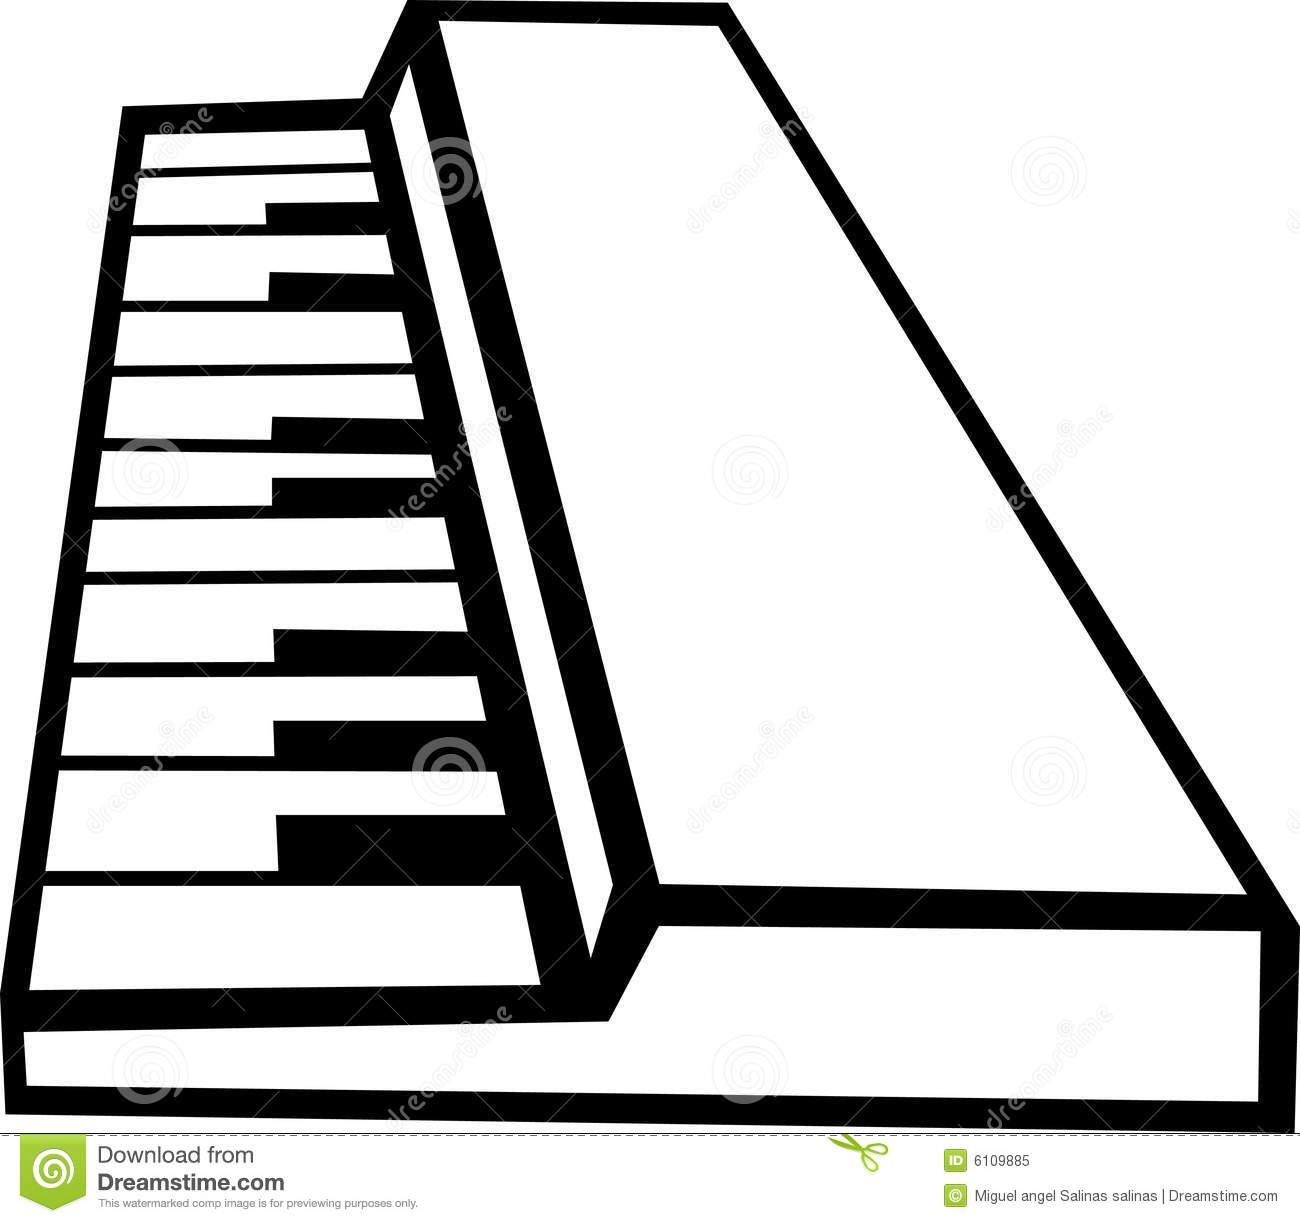 keyboard%20clipart